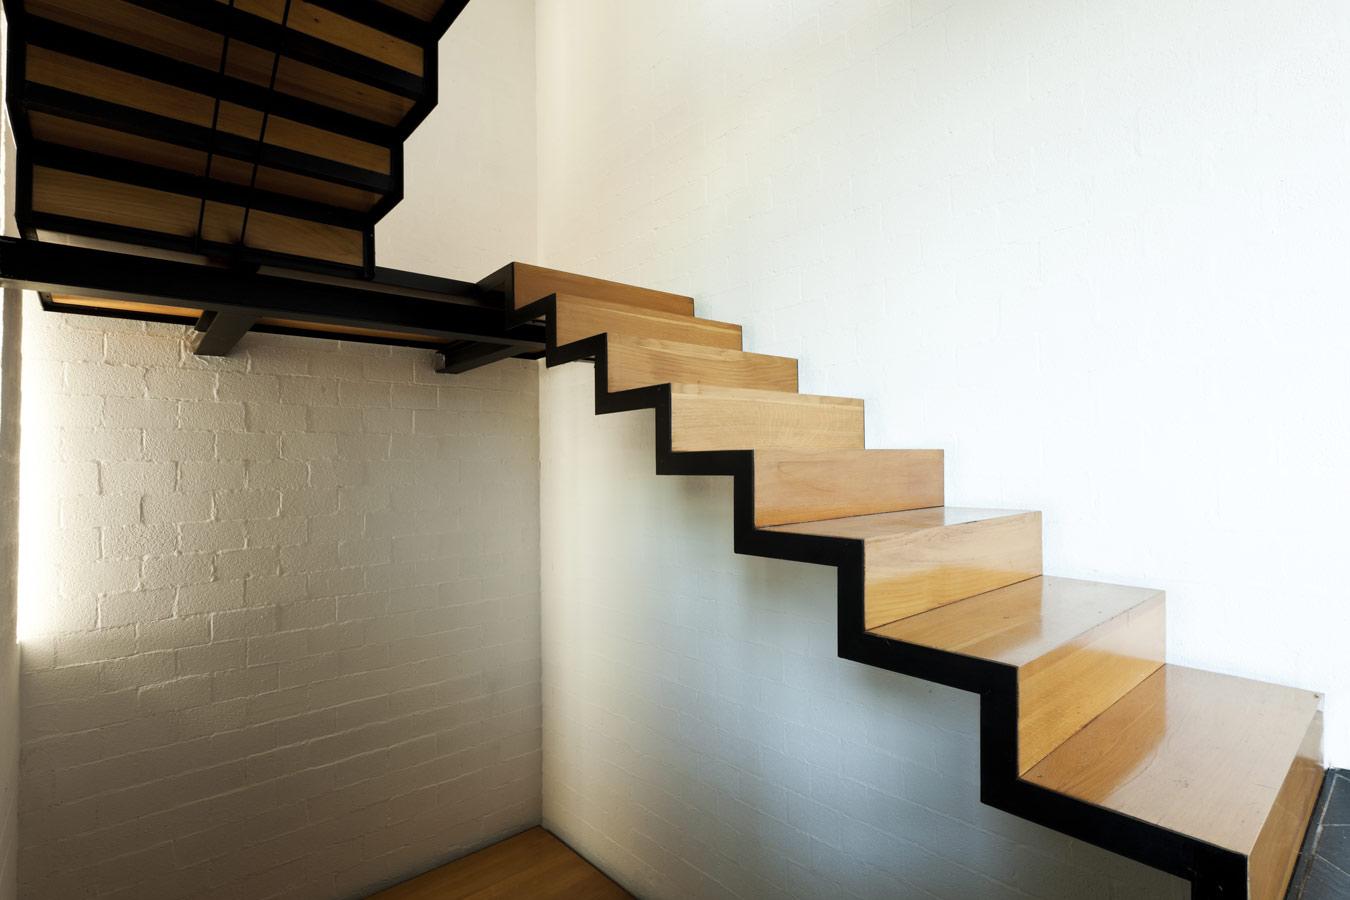 Zoldertrap inspiratie populaire soorten for Houten trap plaatsen